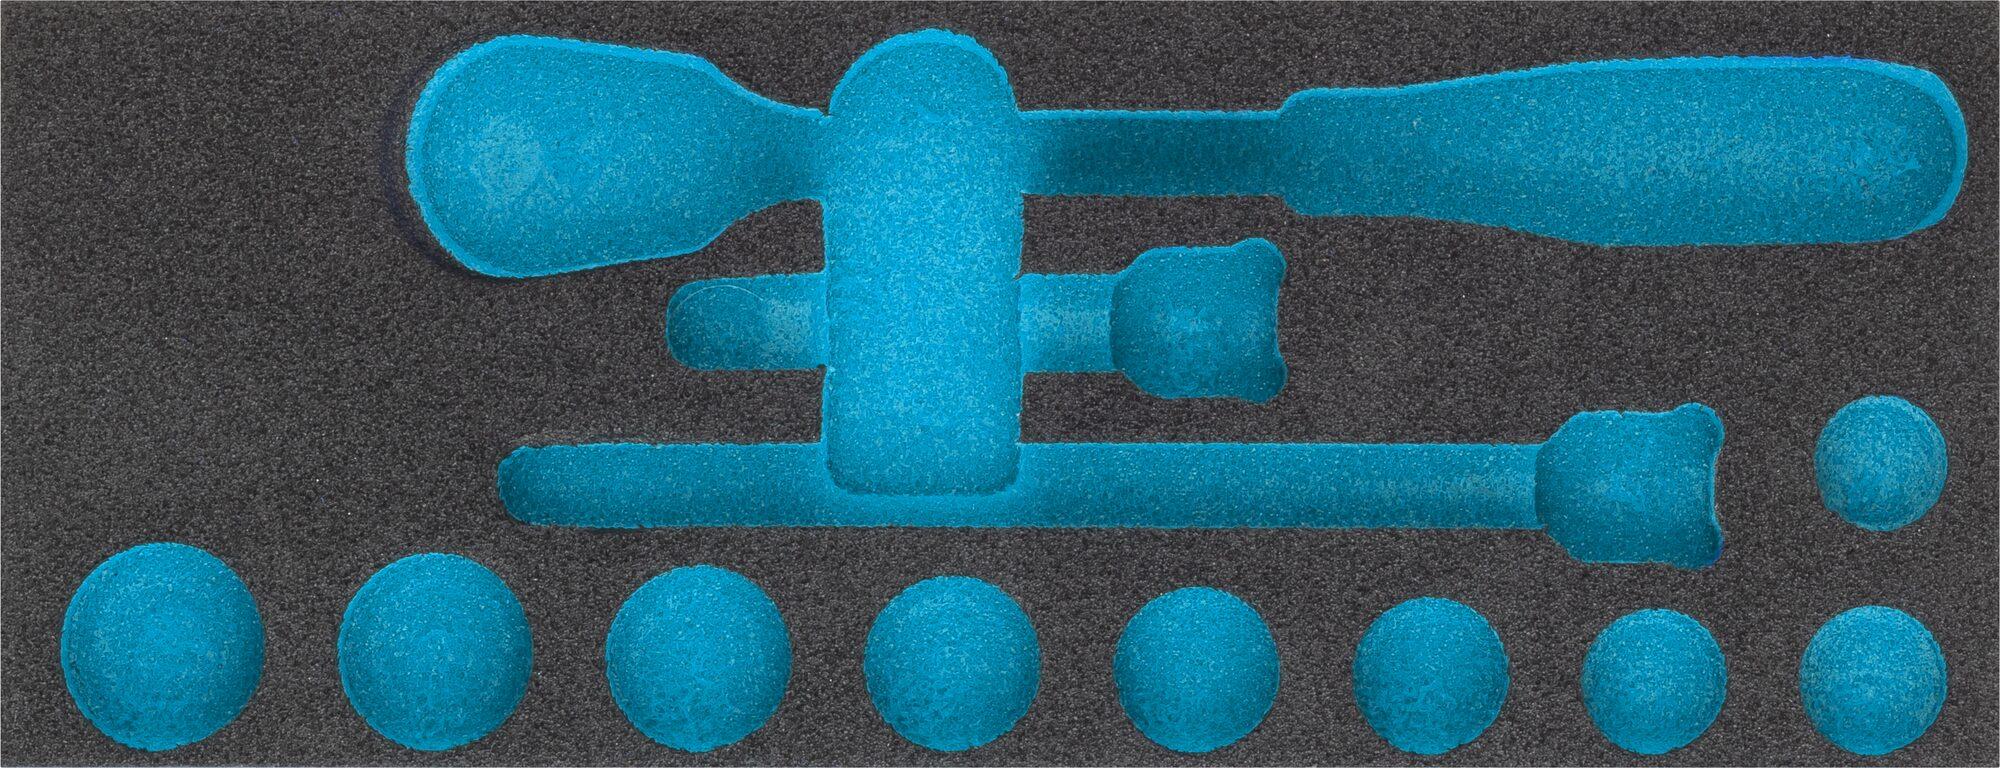 HAZET 2-Komponenten Weichschaum-Einlage 163-454L